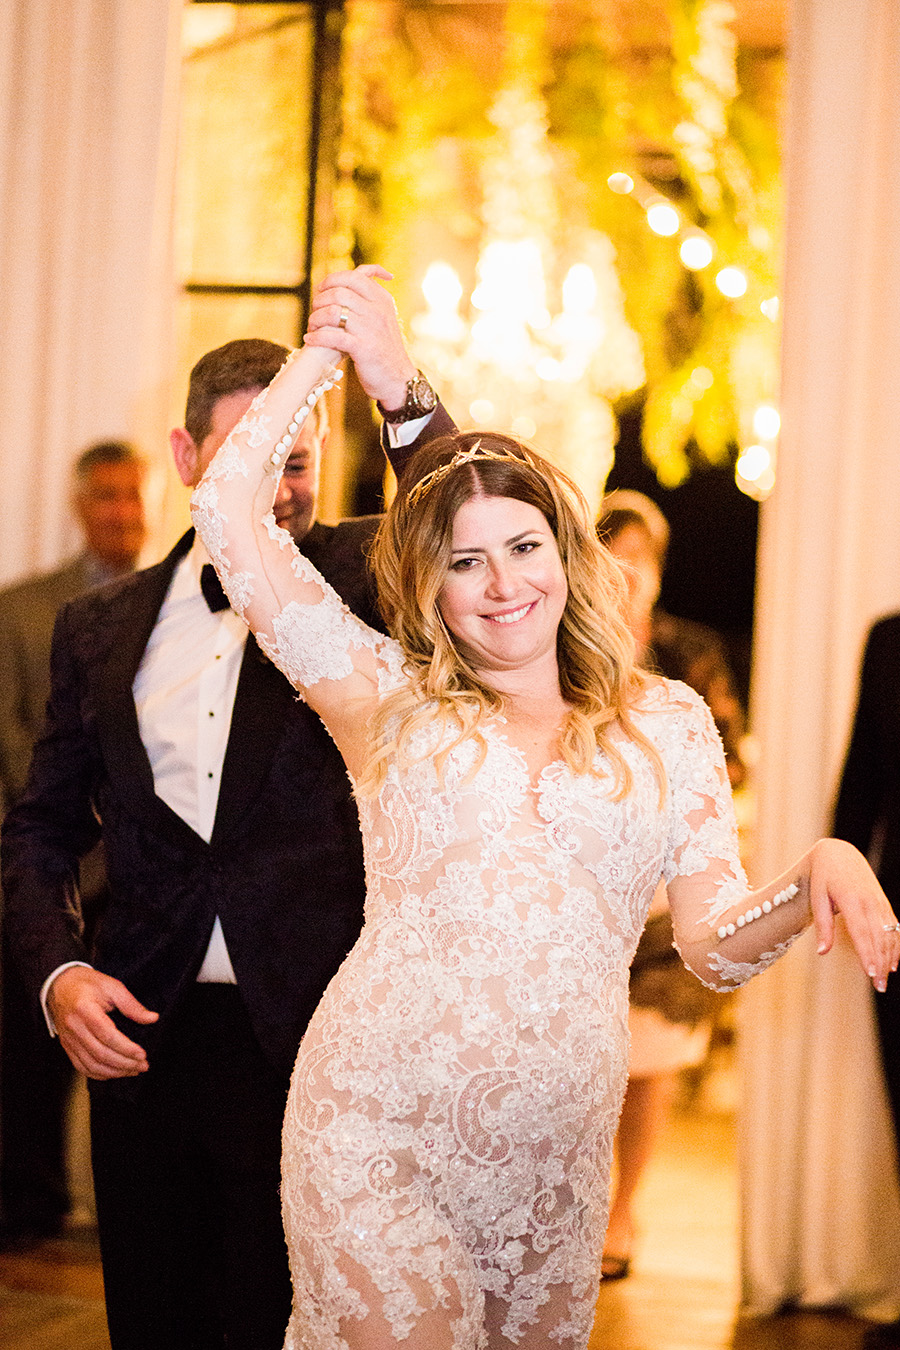 SALLY PINERA_MALIBU ROCKY OAKS WEDDING PHOTOGRAPHY_MALIBU_MARISSA AND PAUL-19.jpg